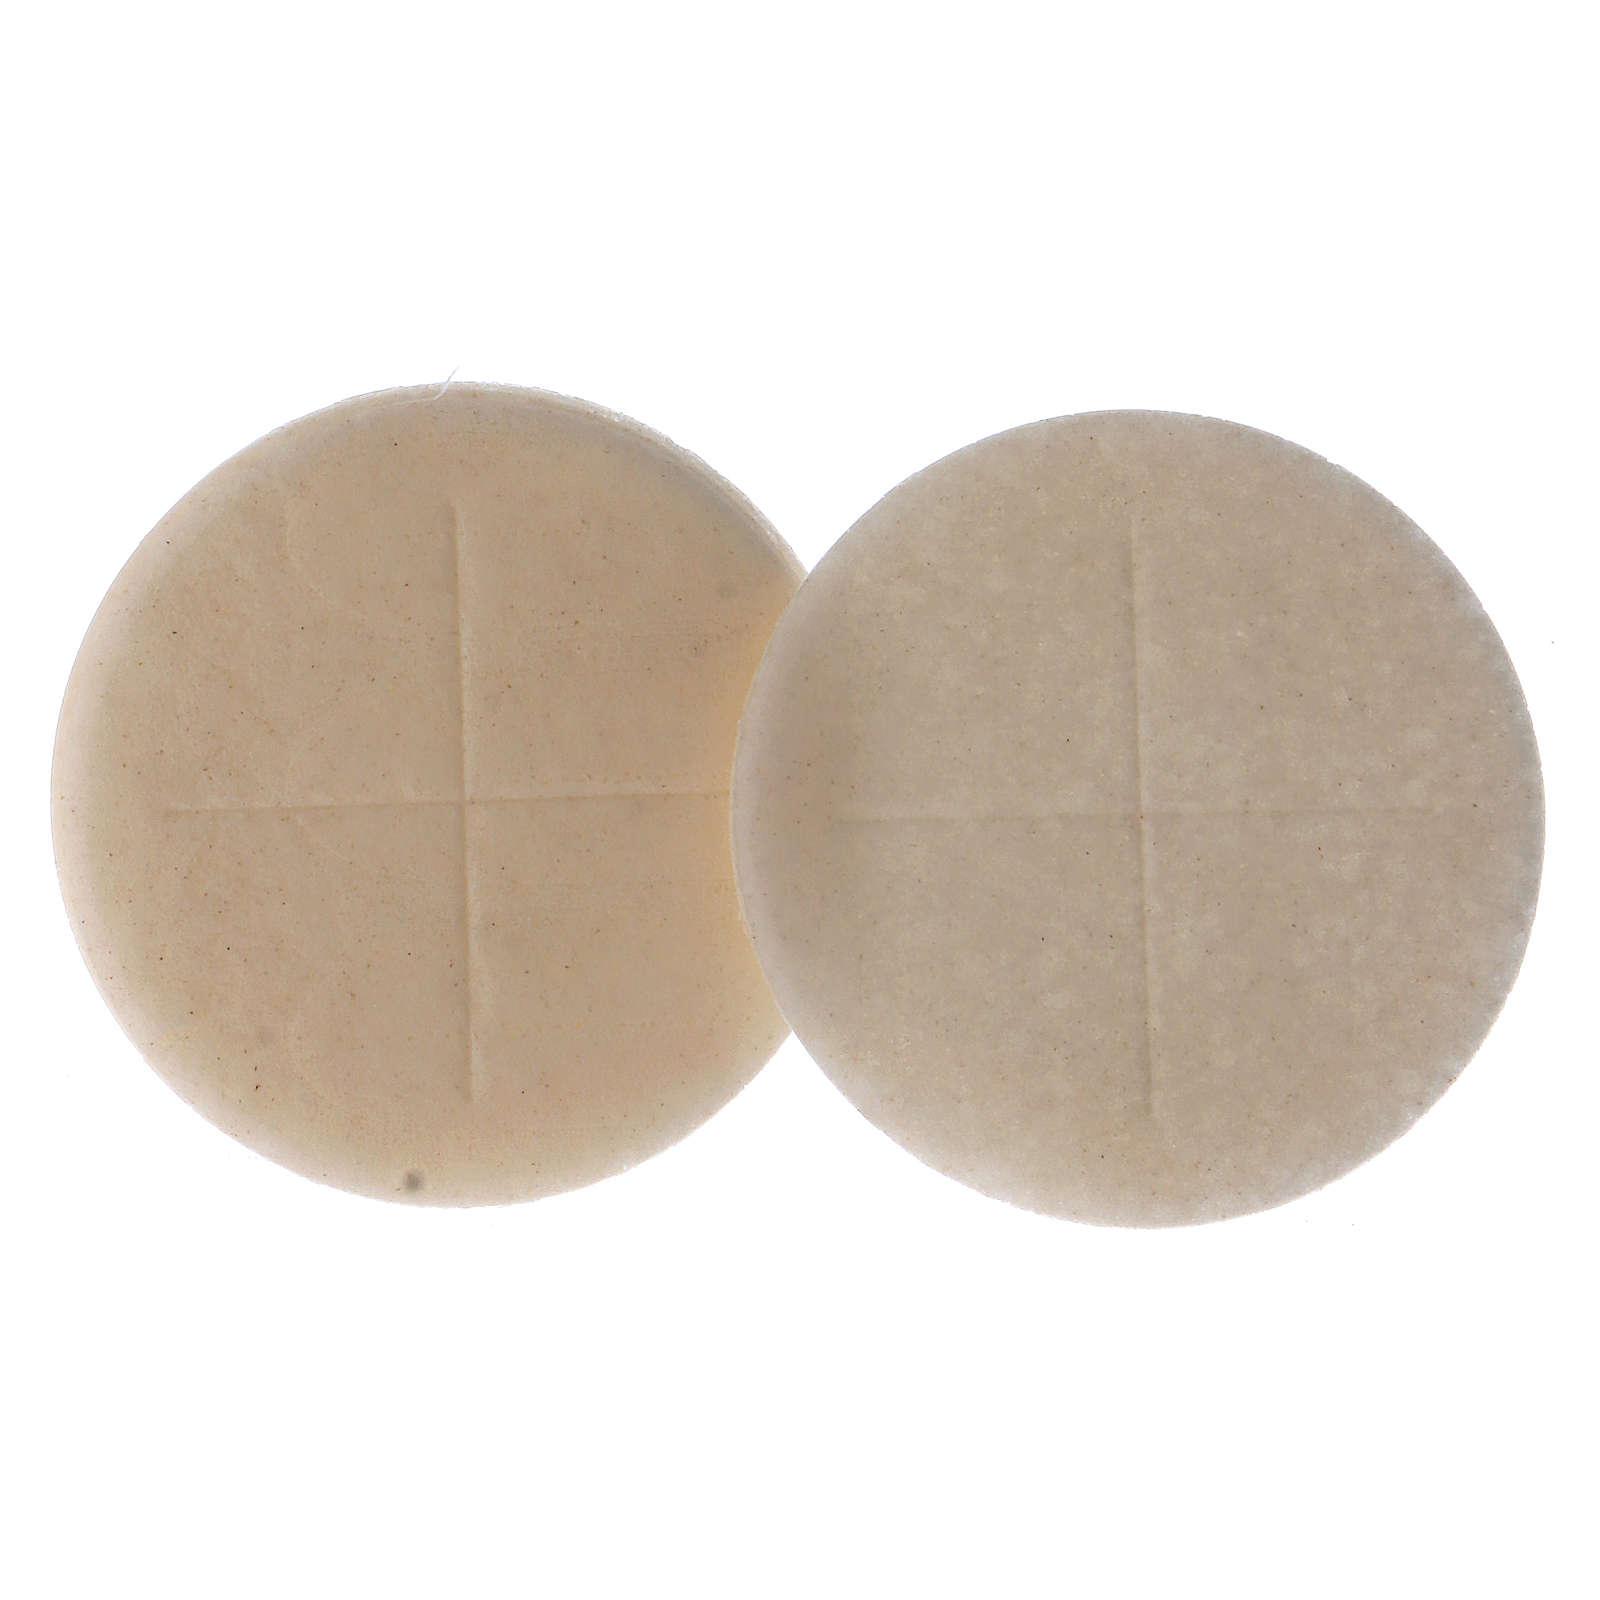 Hostie Magne 6,7 cm coupure nette 25 pcs 3